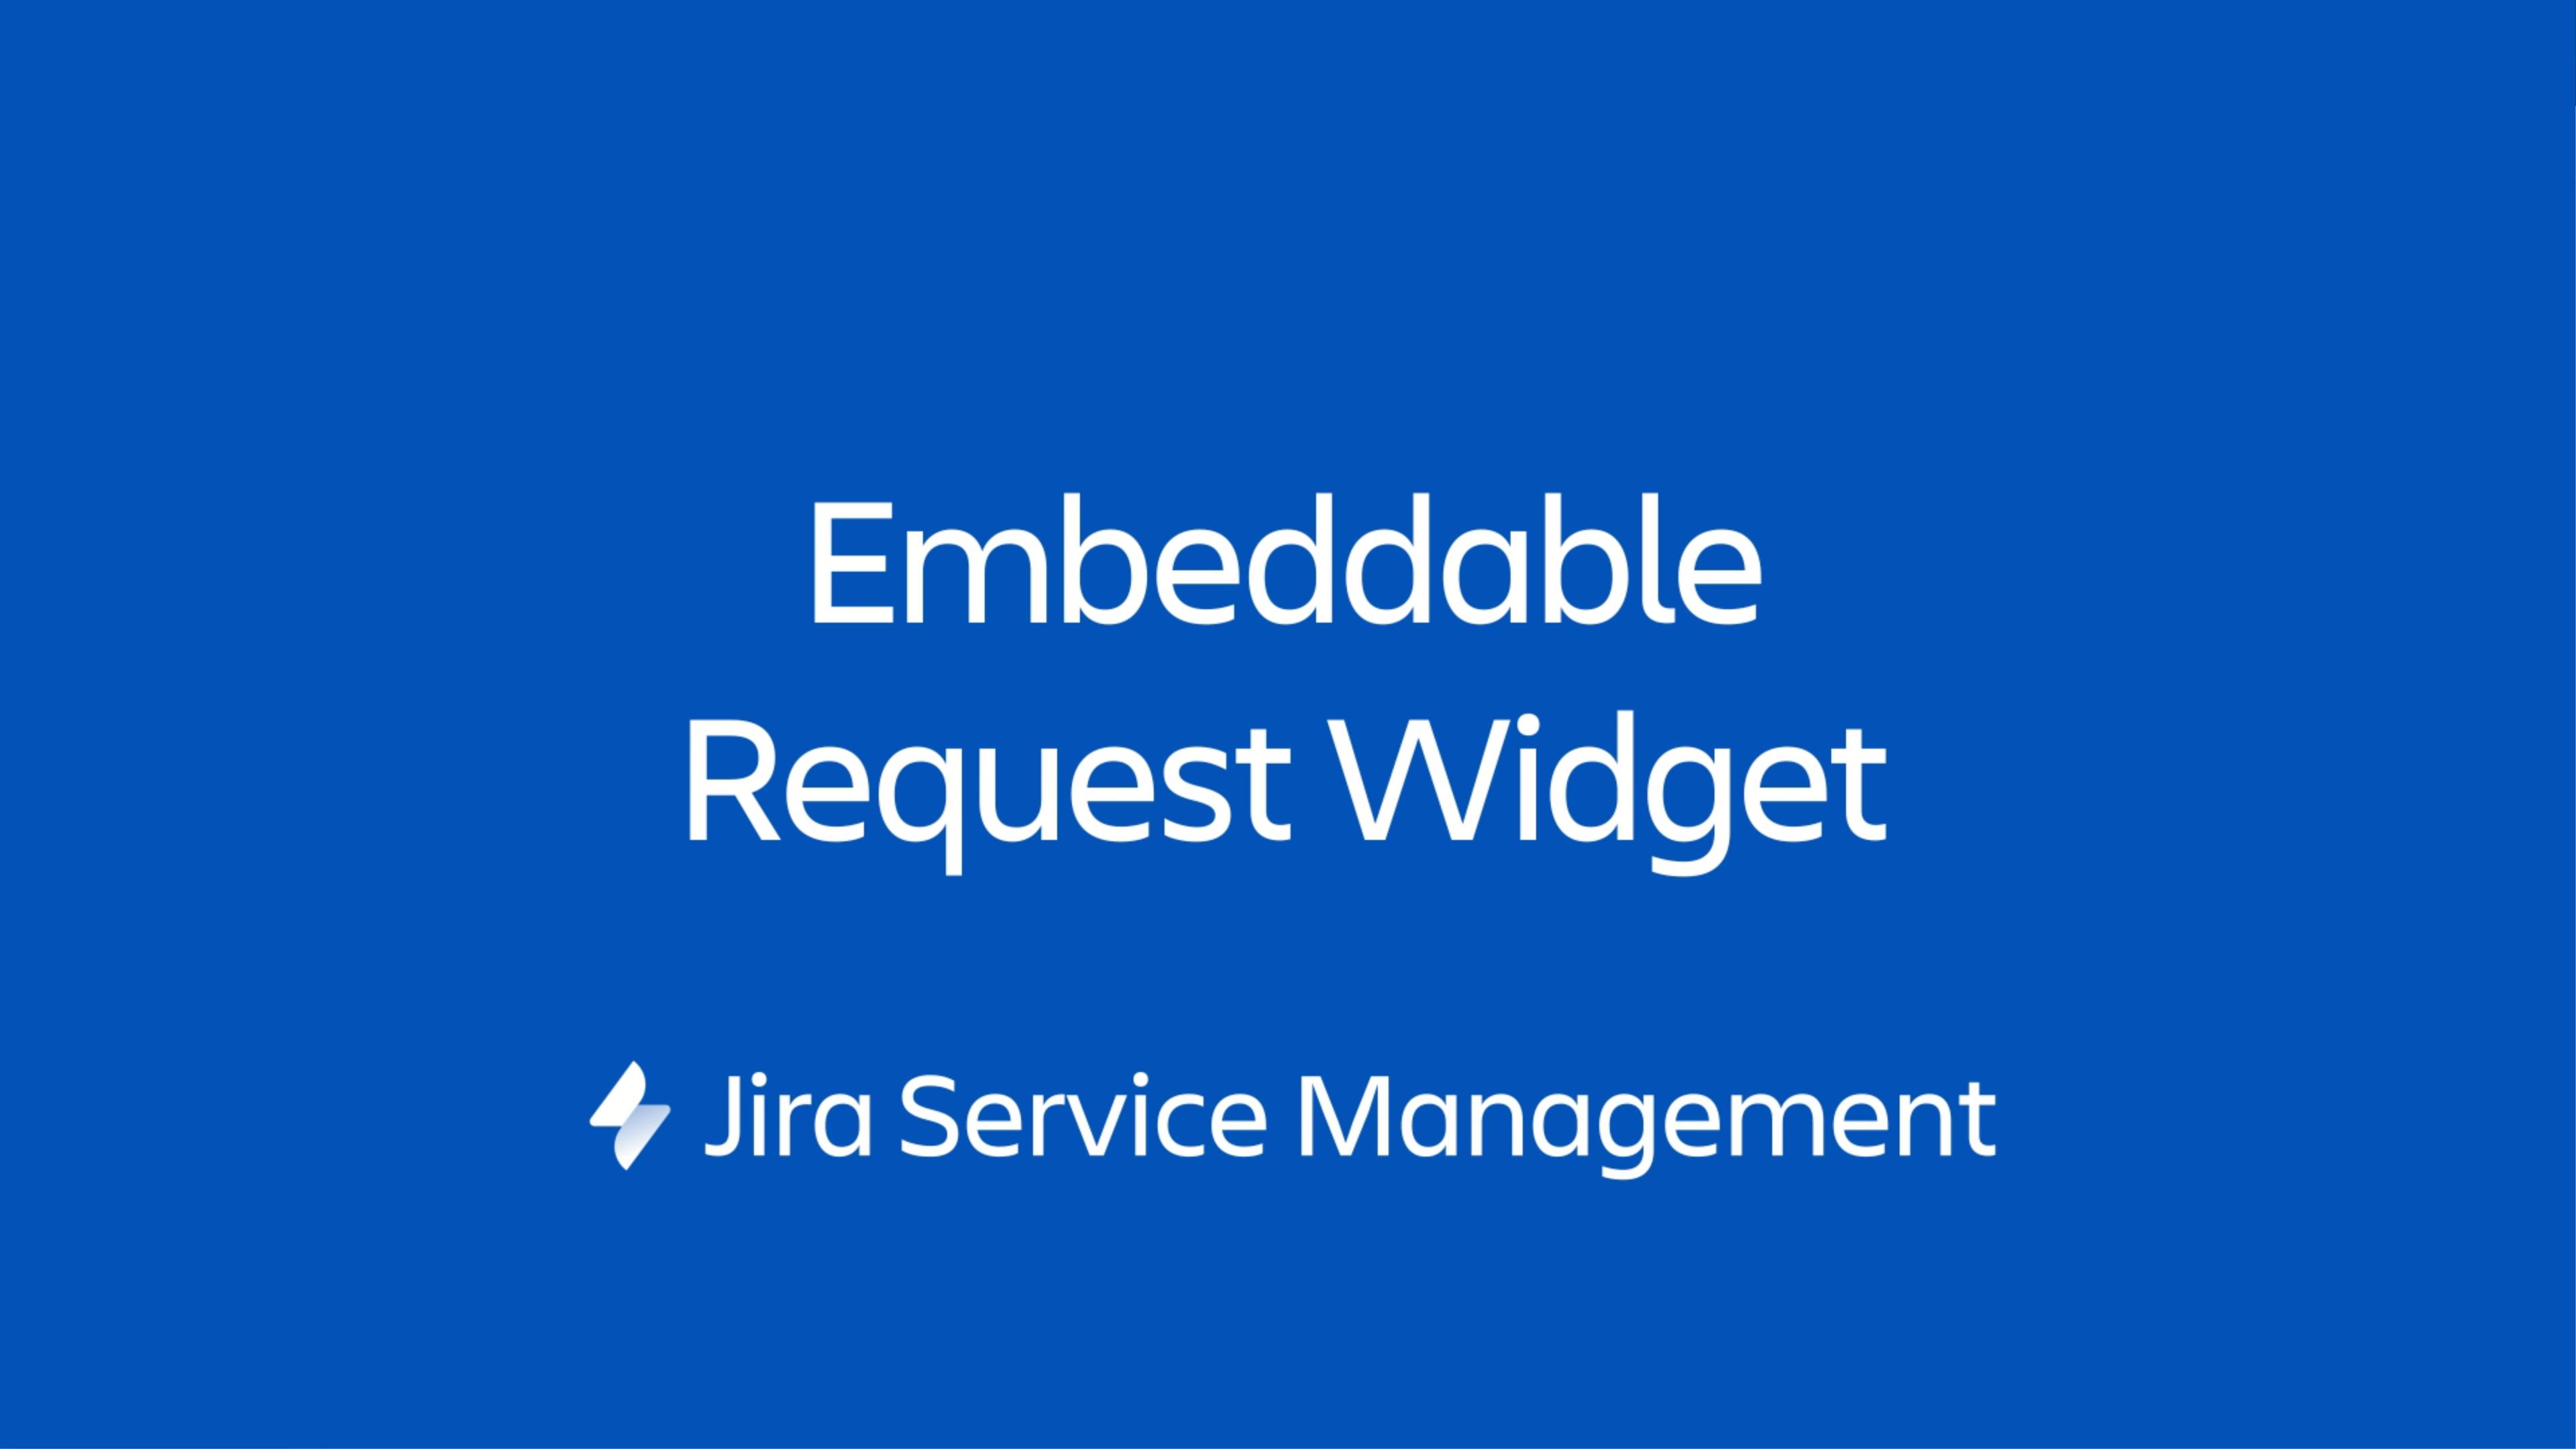 Jira Service Management ウィジェットは、ユーザーが管理する Web ページ上に埋め込むことができるミニポータルです。